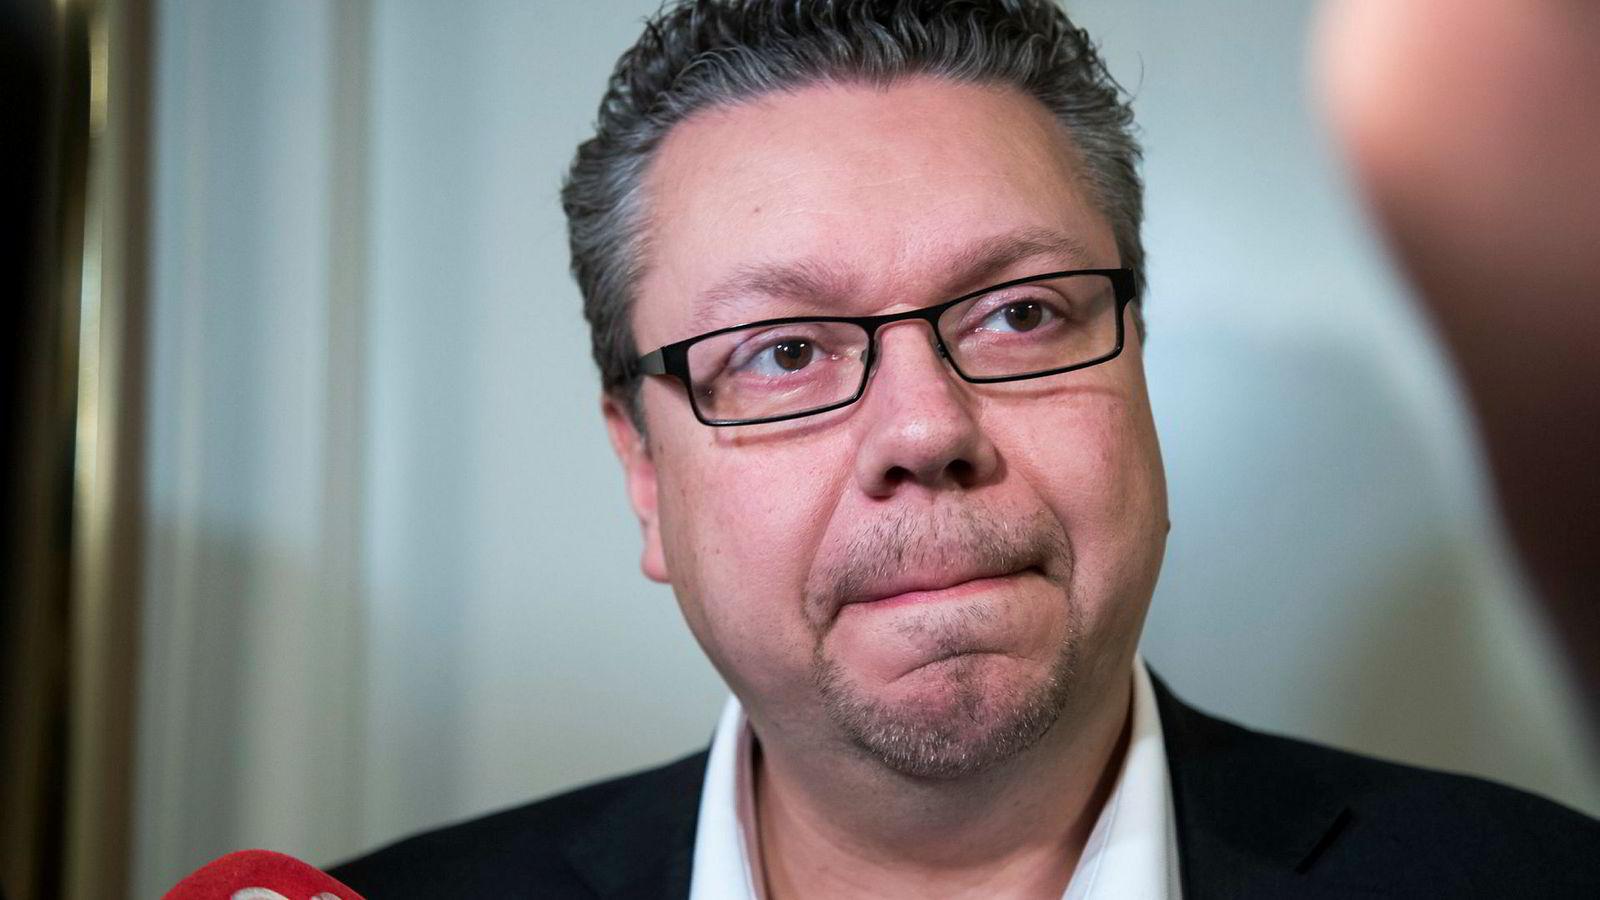 Stortingsrepresentant Ulf Leirstein sendte pornografi til en gutt på 14 år fra Stortingets epostsystem. Nå lover partiet en rask behandling av saken.